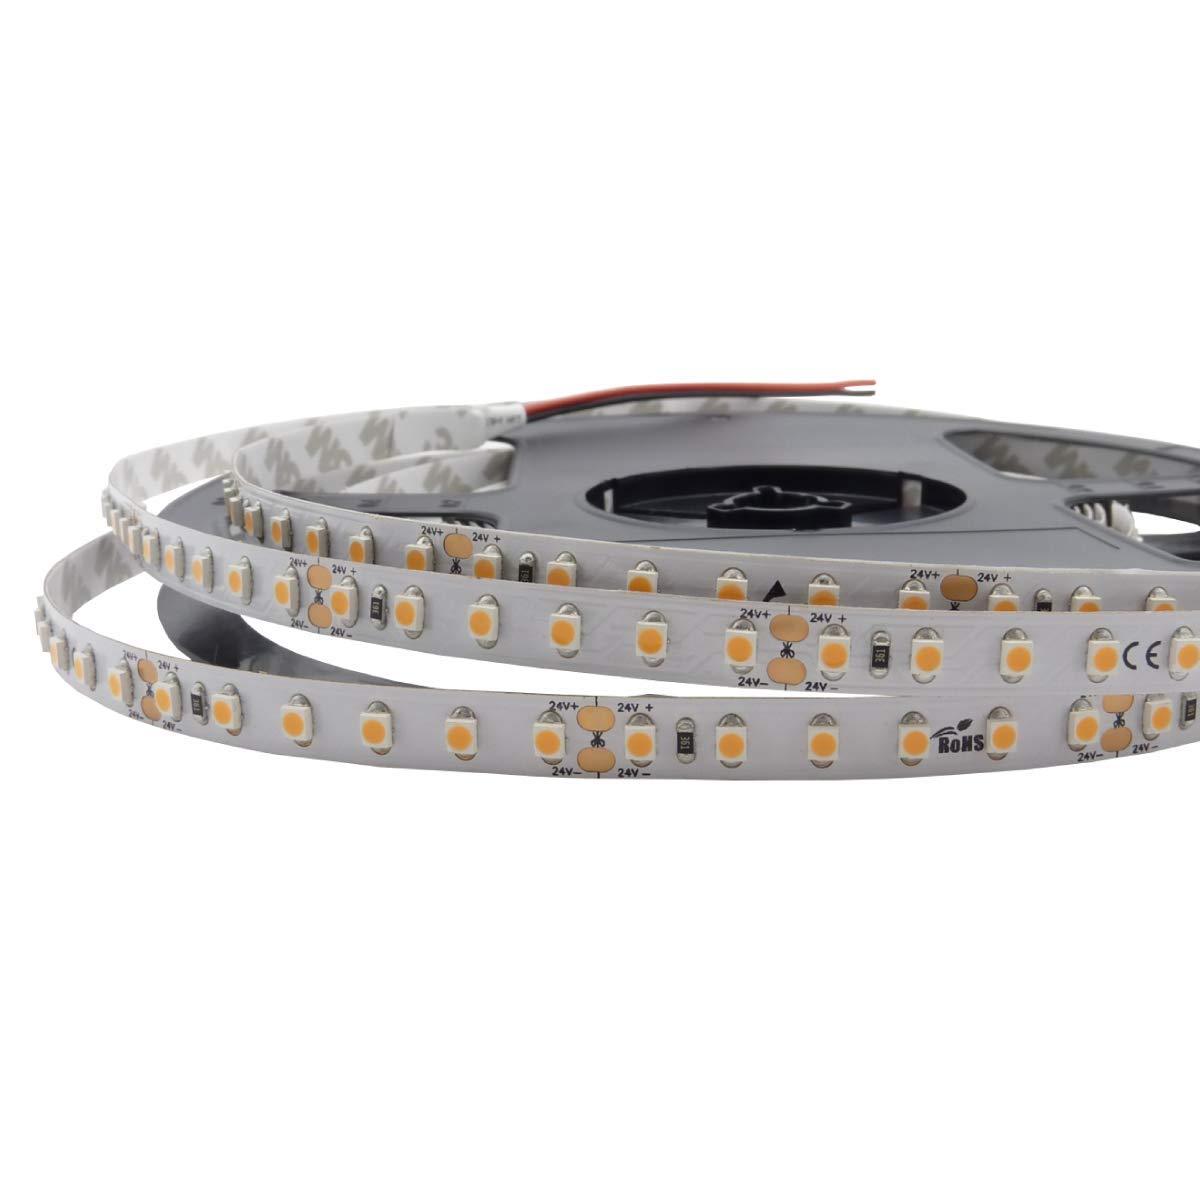 Iluminize LED-Streifen  sehr hochwertiger LED-Streifen mit 120 LEDs pro Meter, 8 mm breit, hoch selektiert, 24V, 9,6W pro Meter, 5 m auf Rolle (2700K Ra 80 IP65NANO)